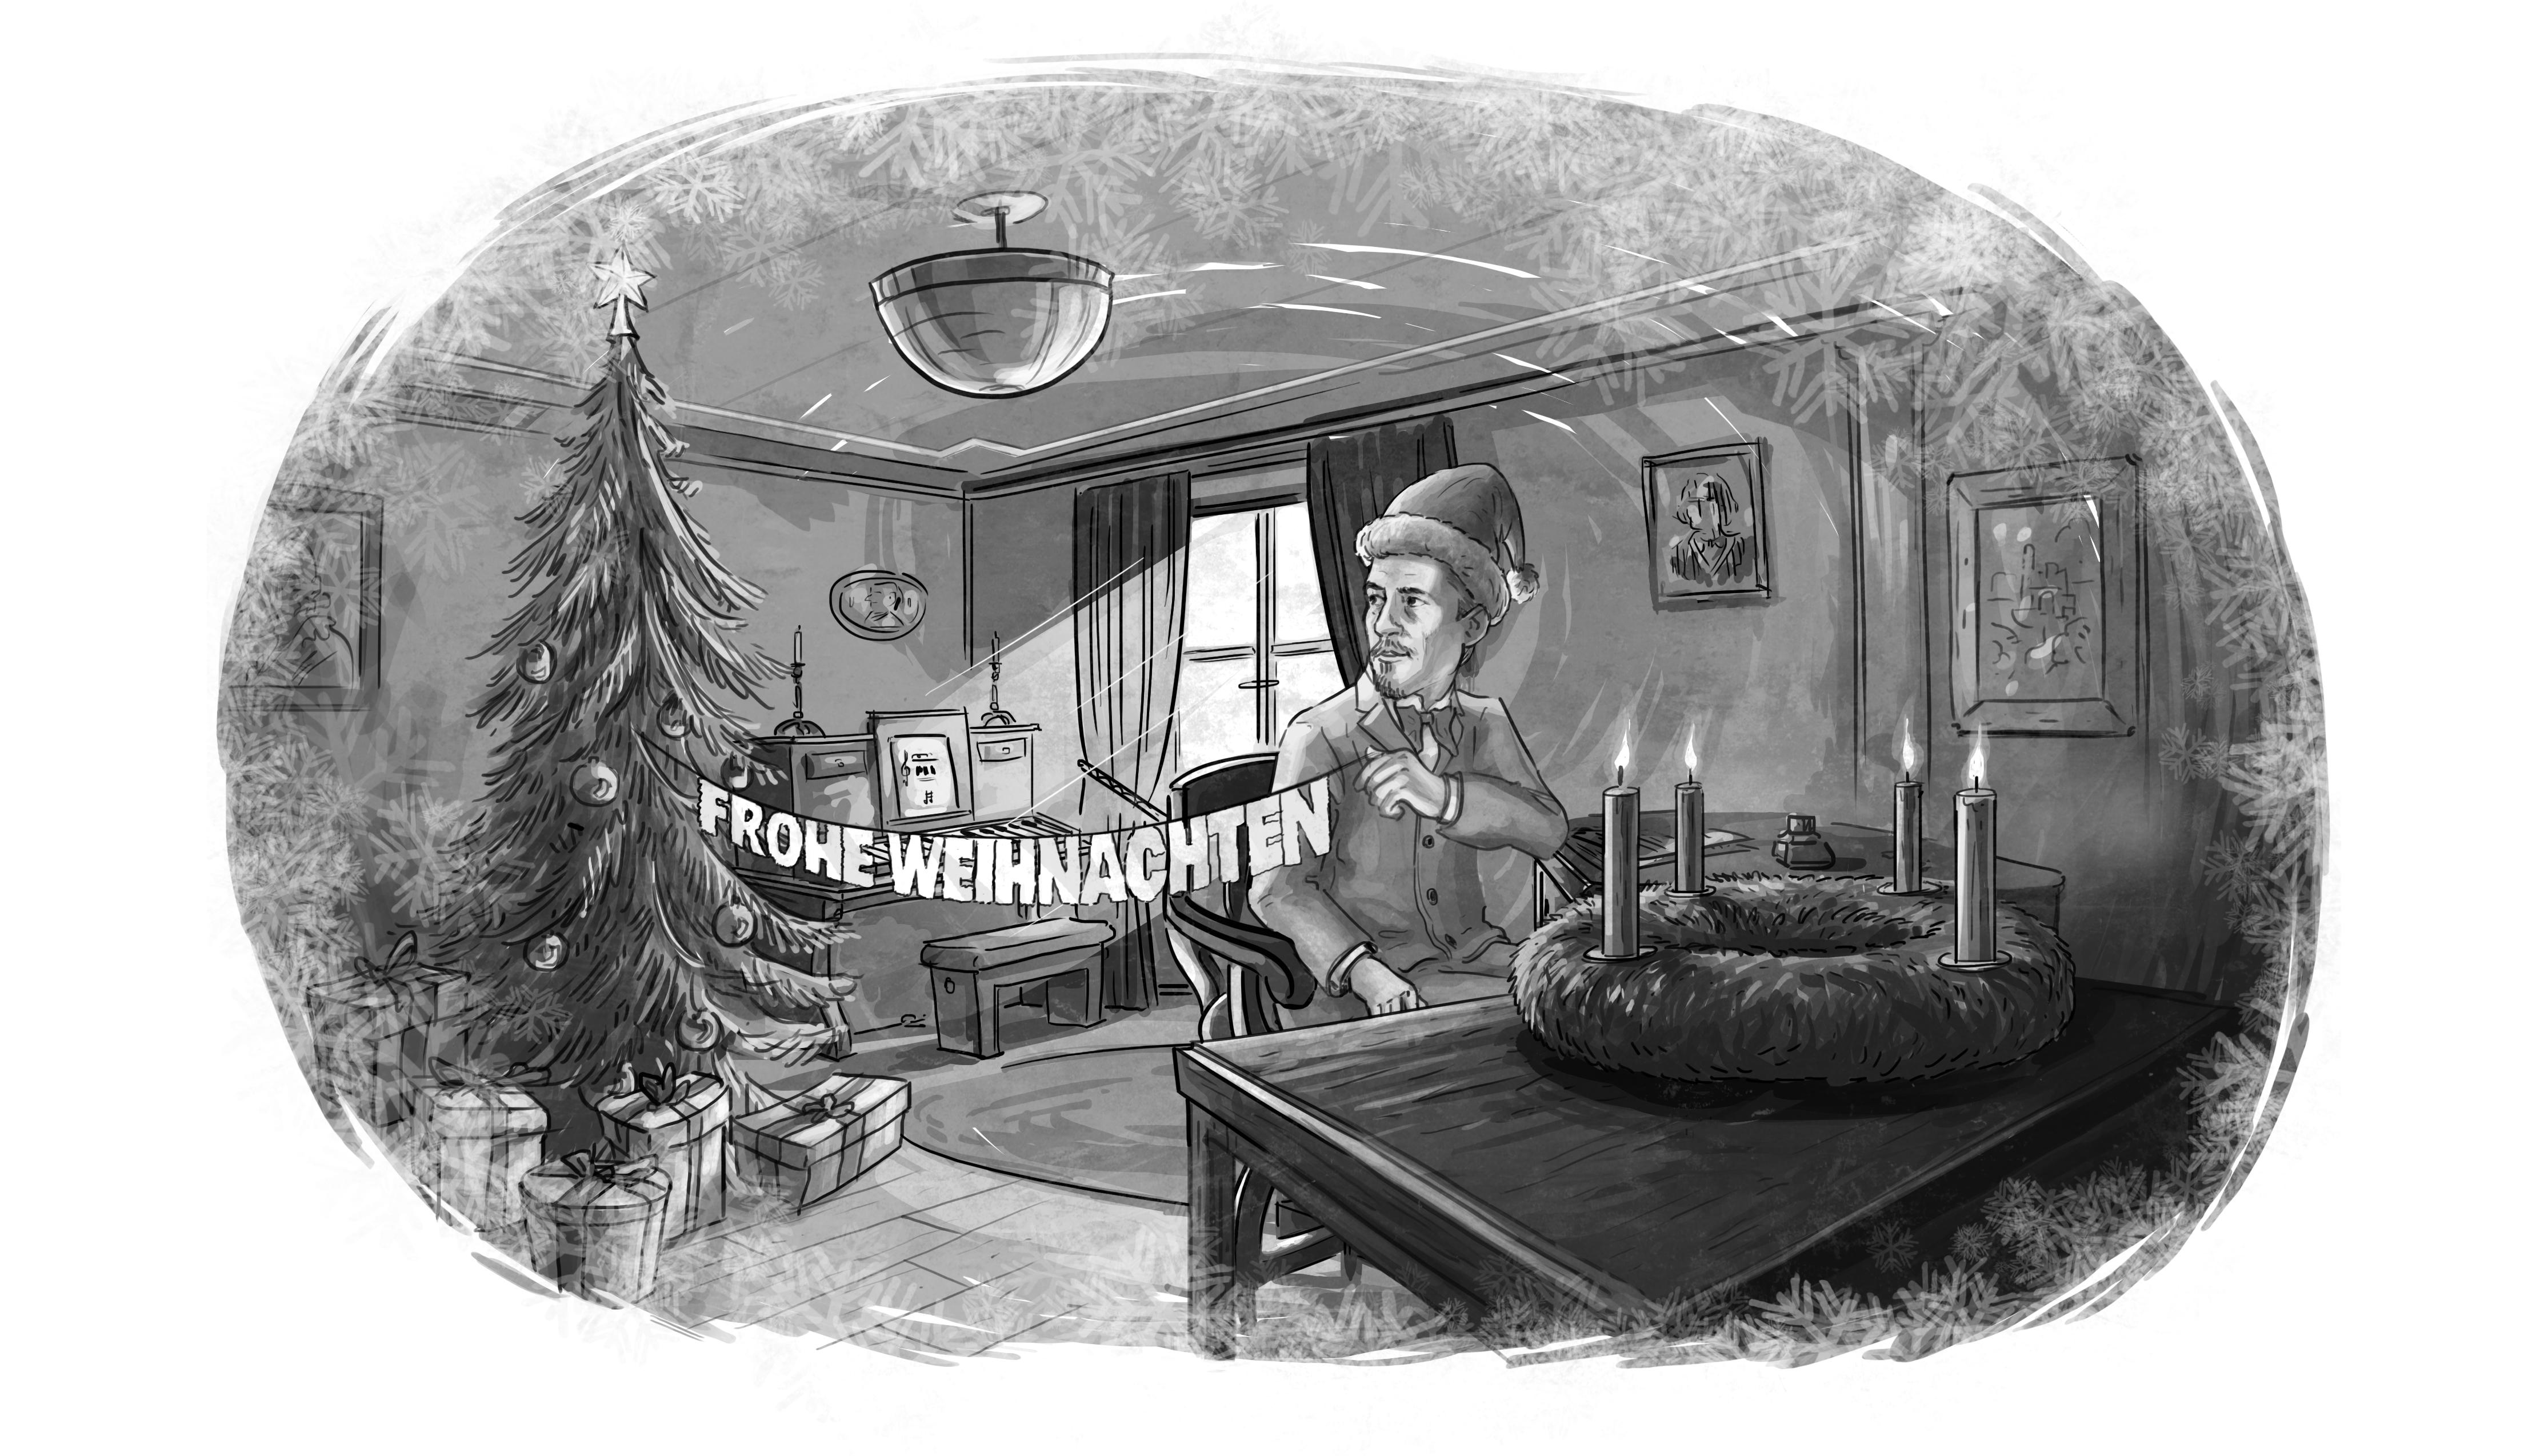 Weihnachts-Special auf der IHWA-LiedBÜHNE